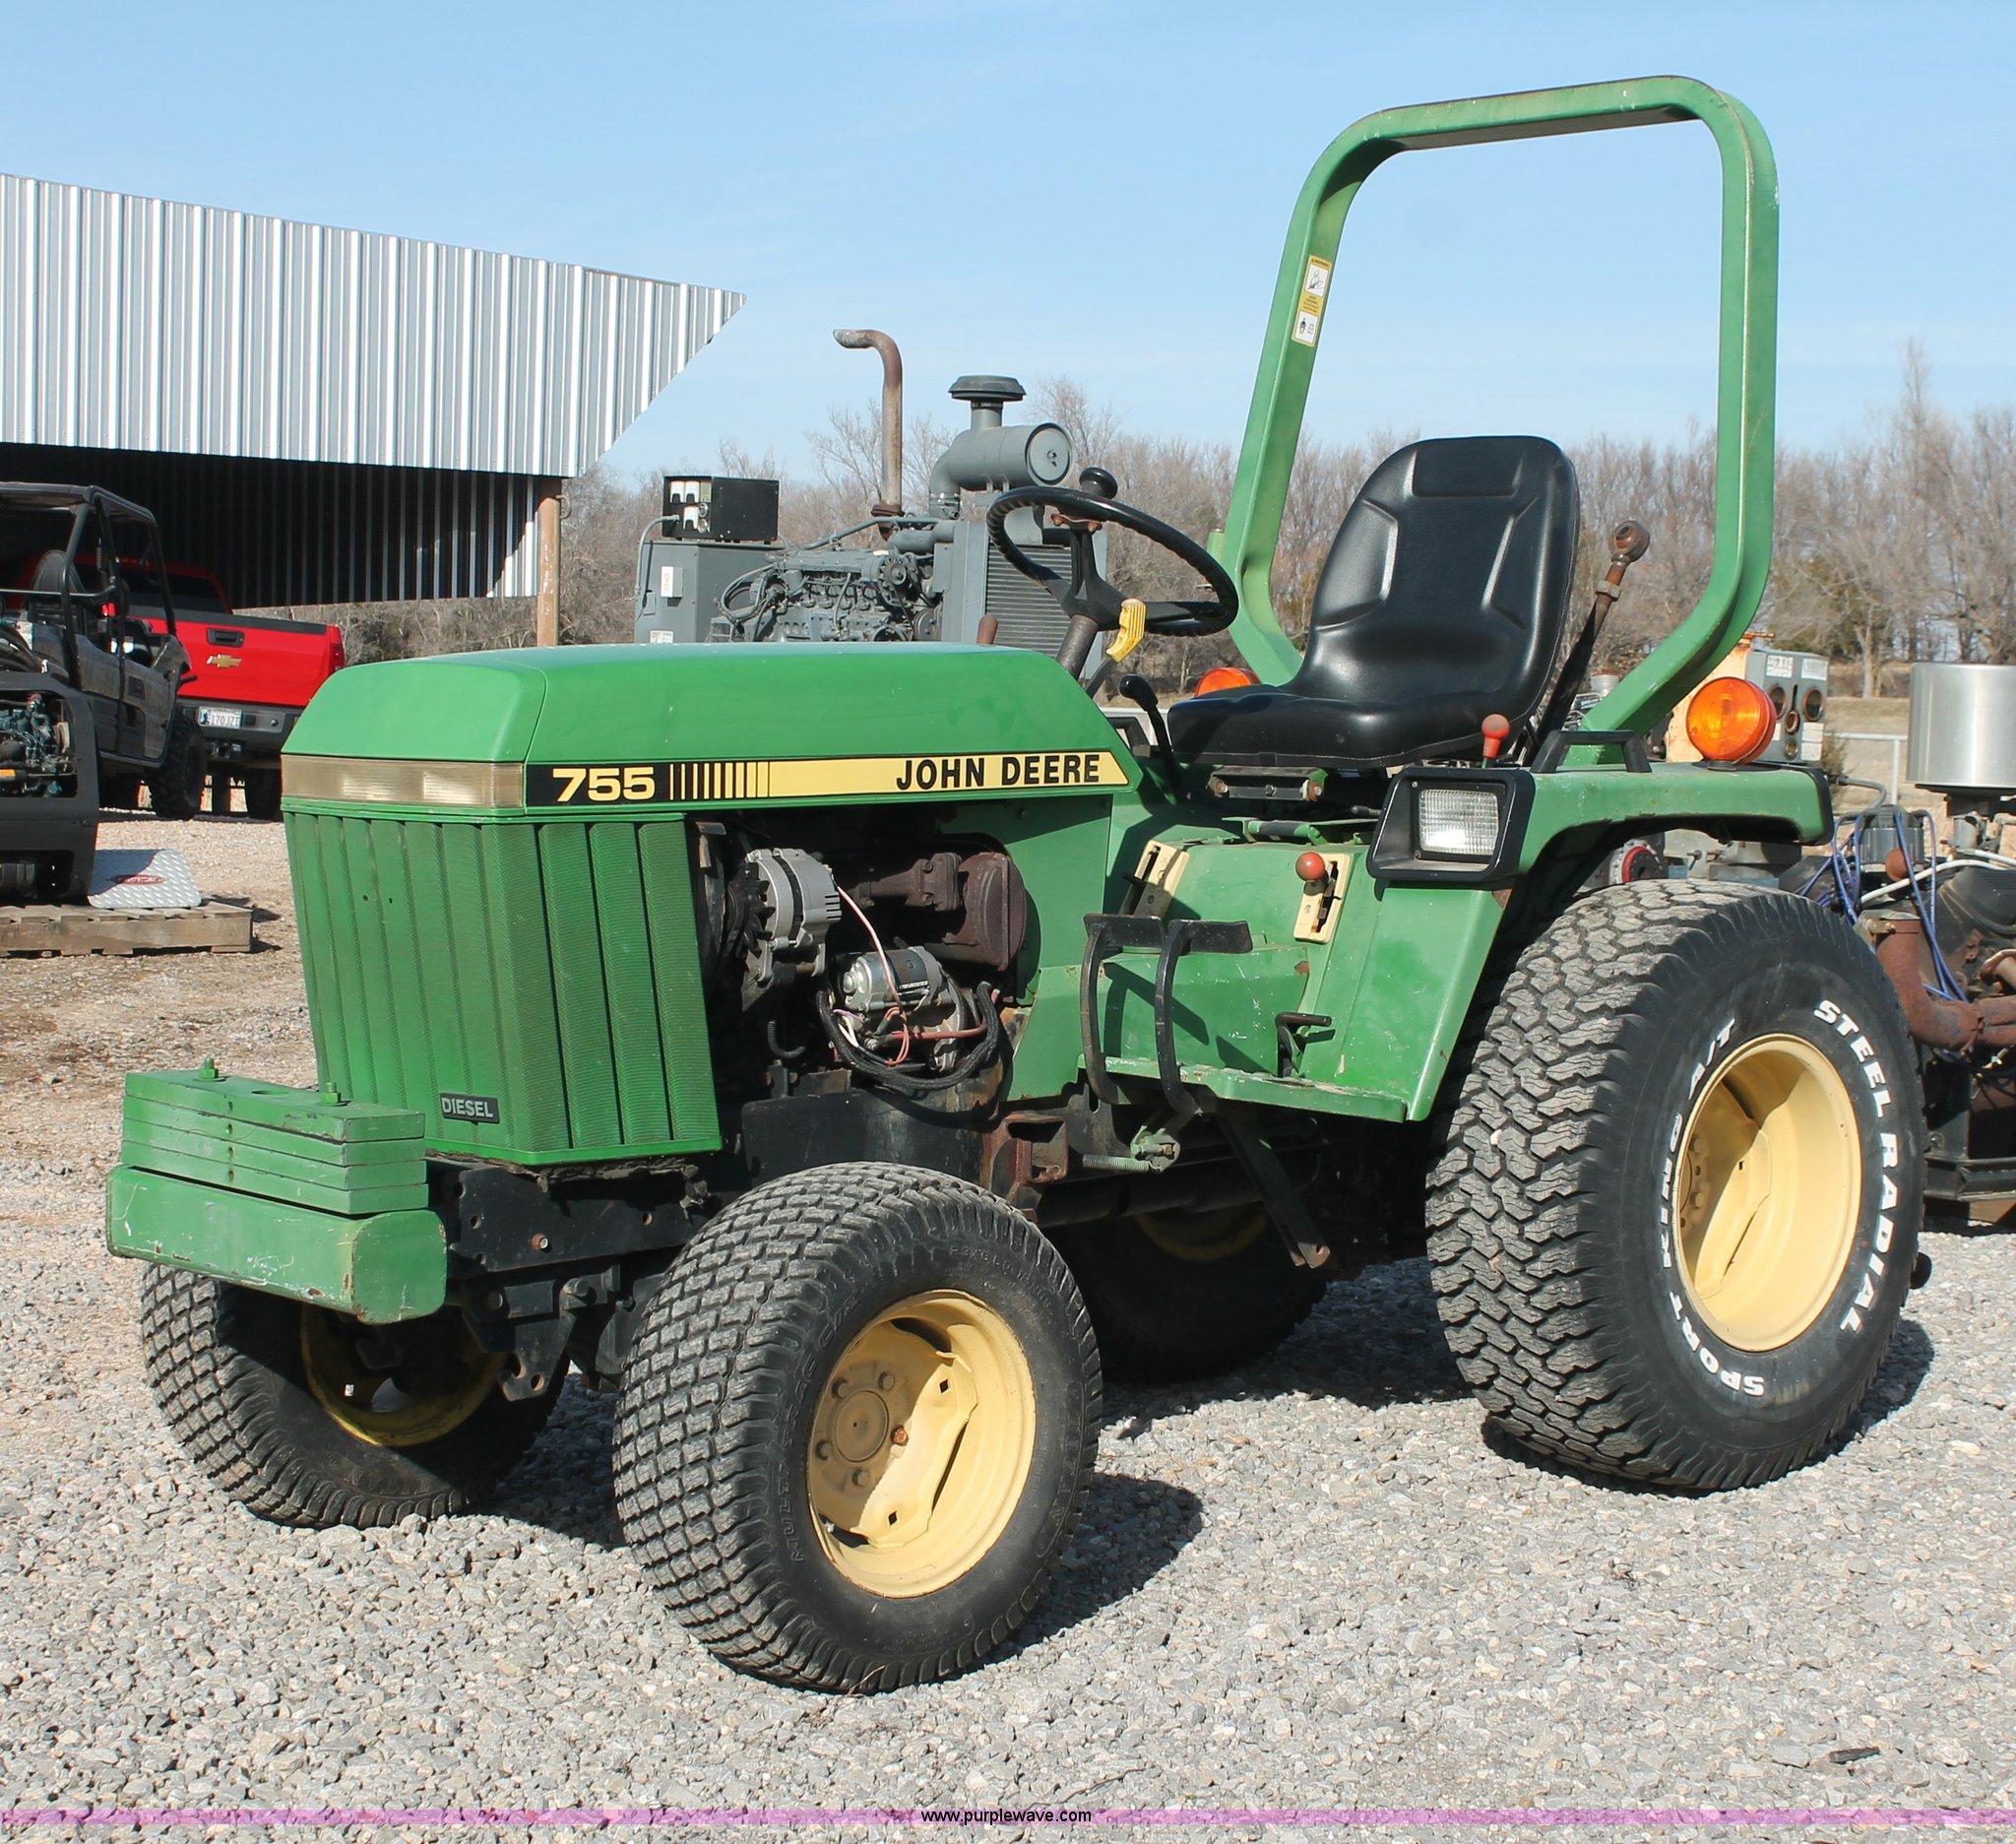 1988 john deere 755 mfwd tractor item ao9487 sold april. Black Bedroom Furniture Sets. Home Design Ideas